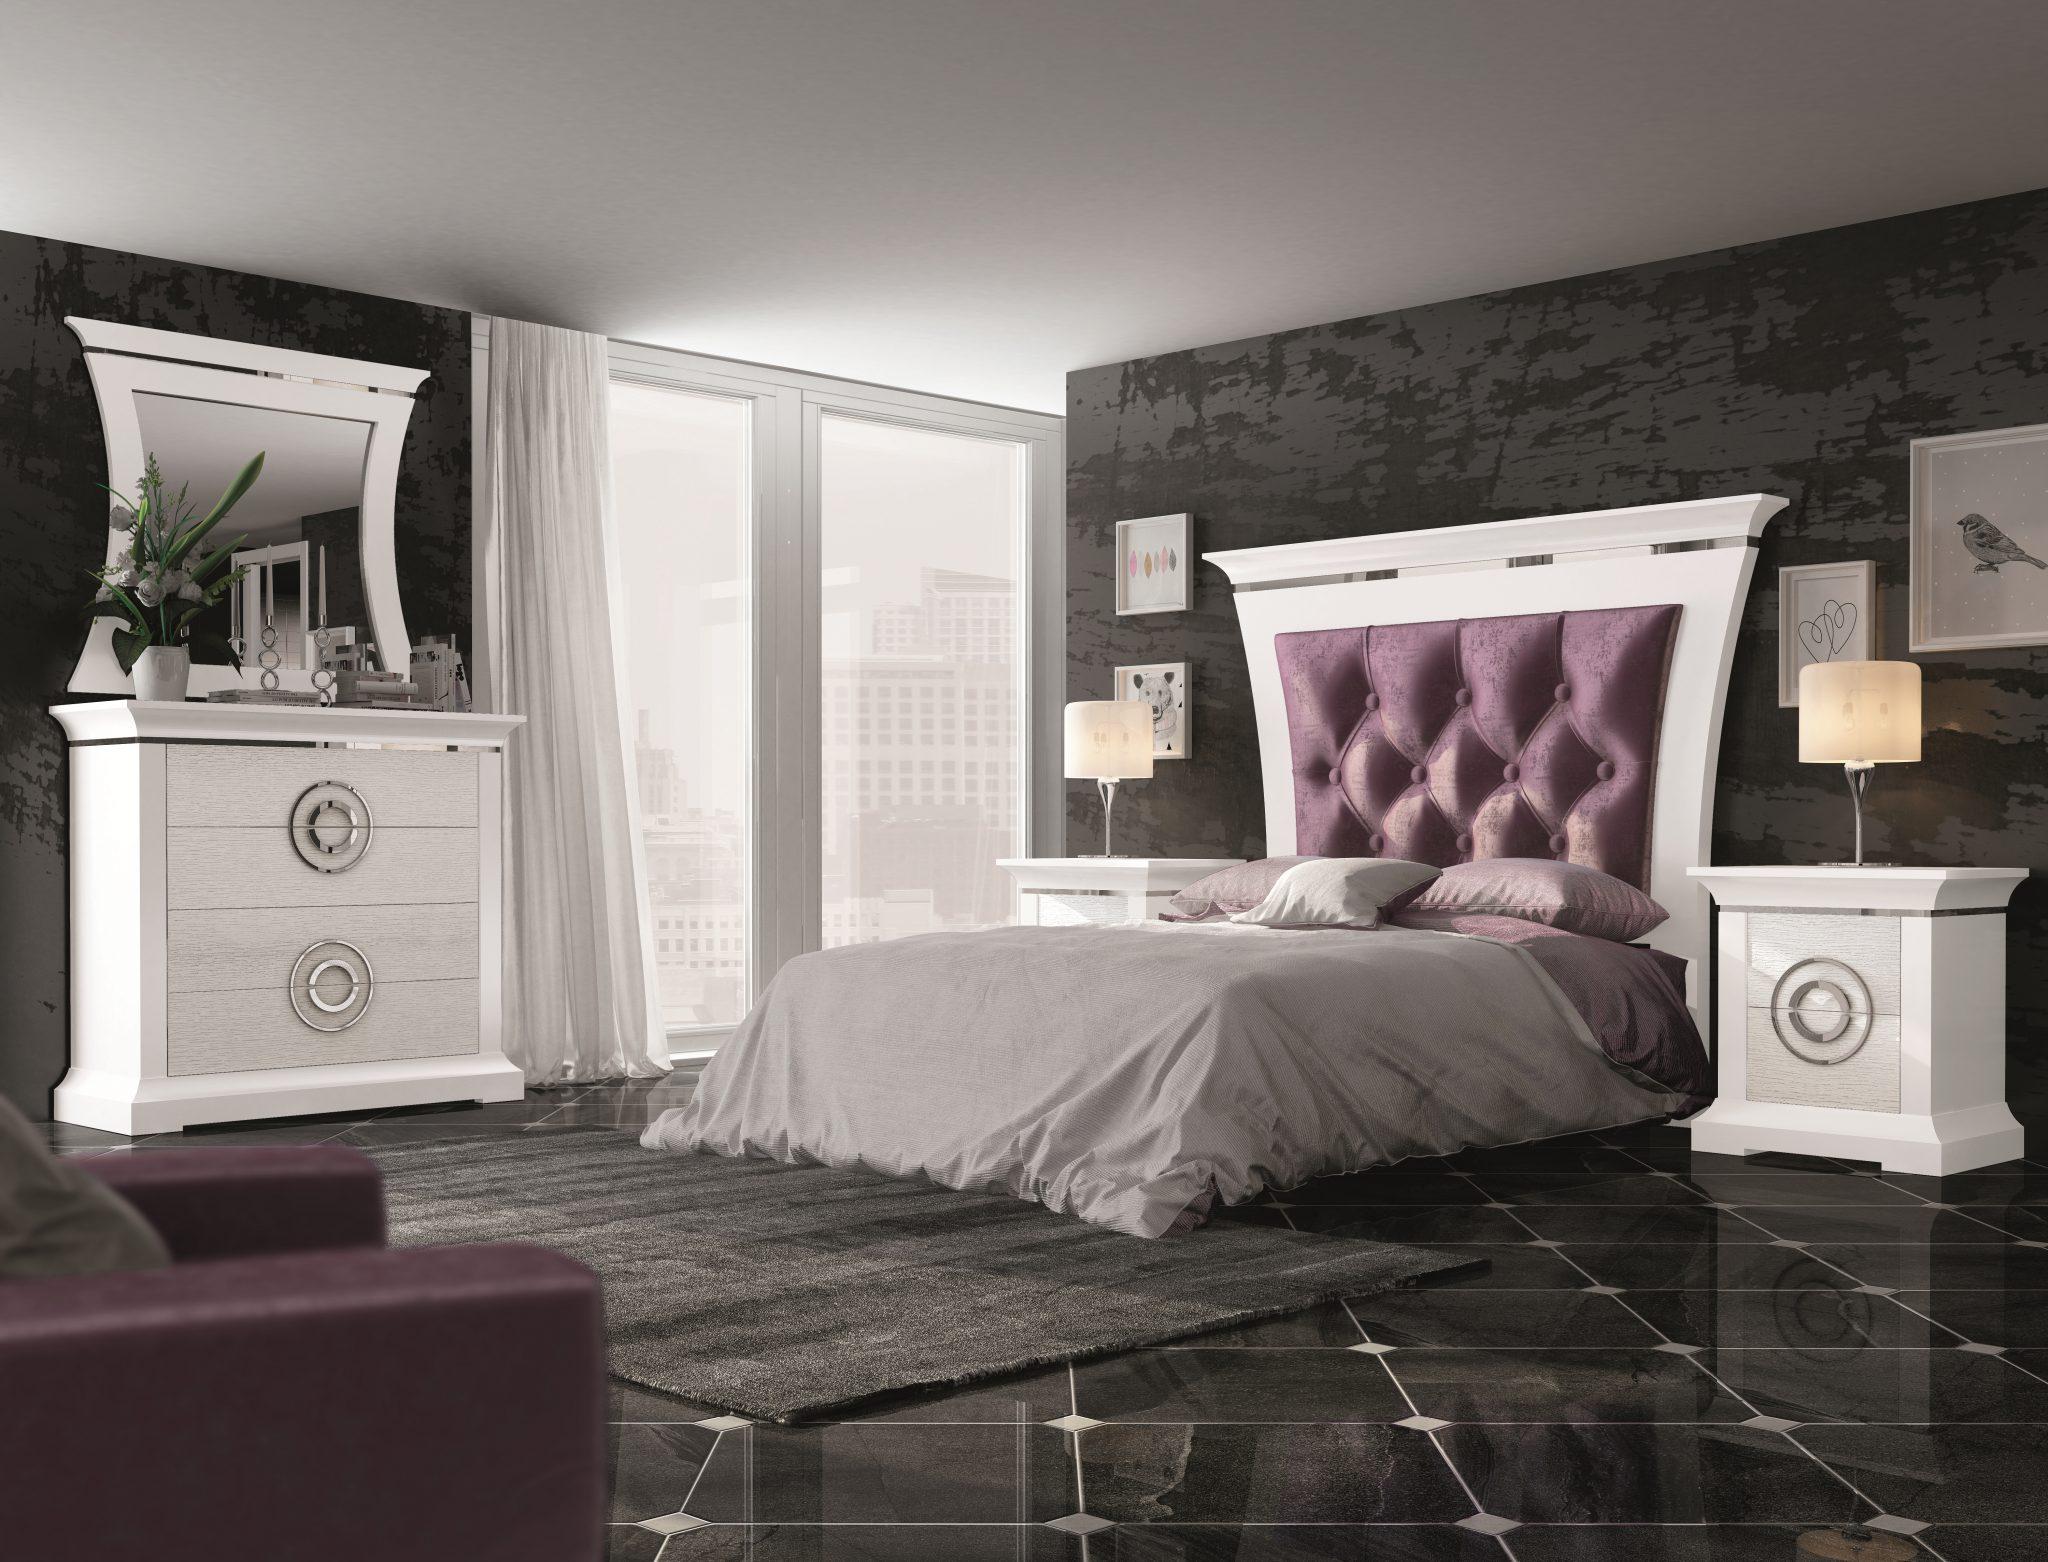 GRP-SPJ Dormitorio PREMIUM - Lacado Blanco, Roble Patinado Gris, Cromo y Brunei 29 Lila (Página 34 - Variante 06) ALTA